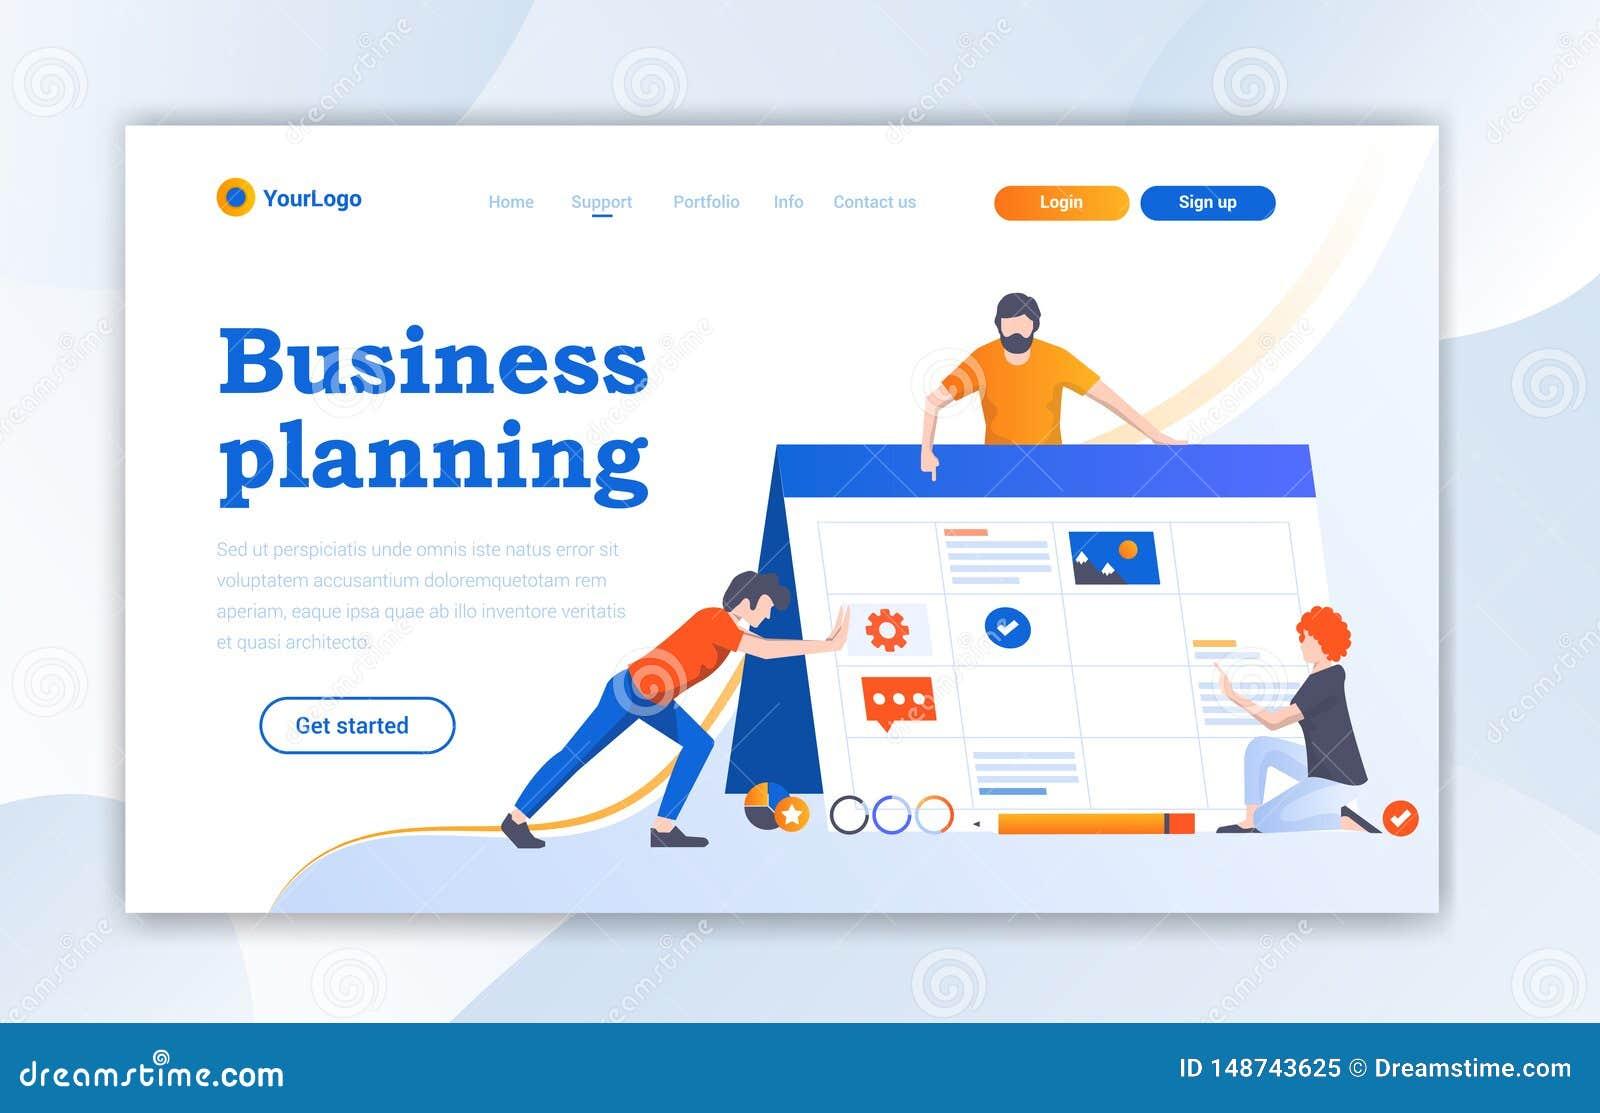 Web Design Landing page website template designs. Modern flat design vector illustration concepts of web page design for website